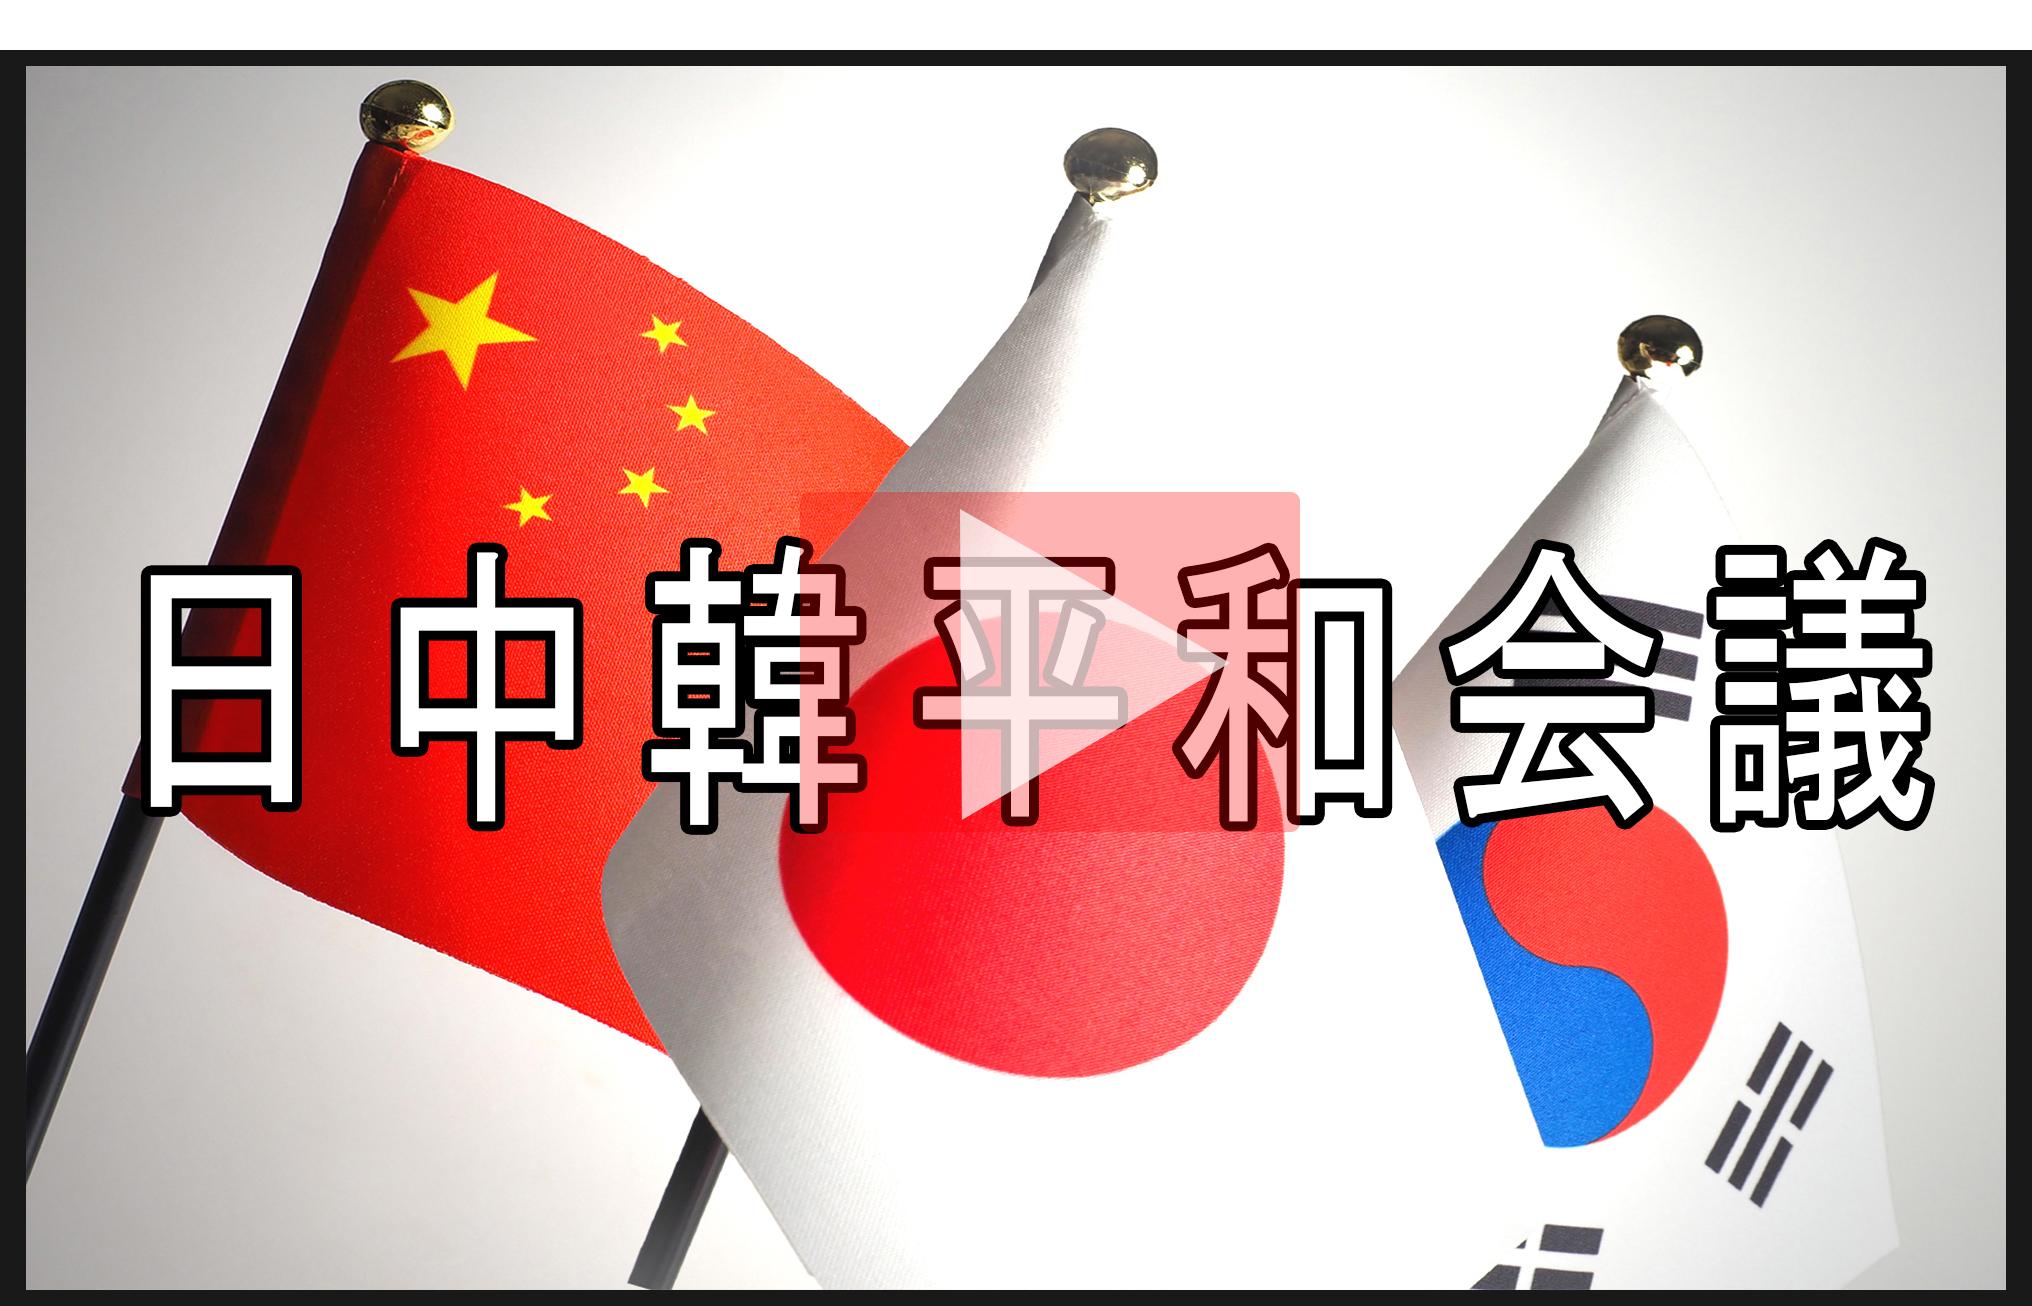 日中韓平和会議